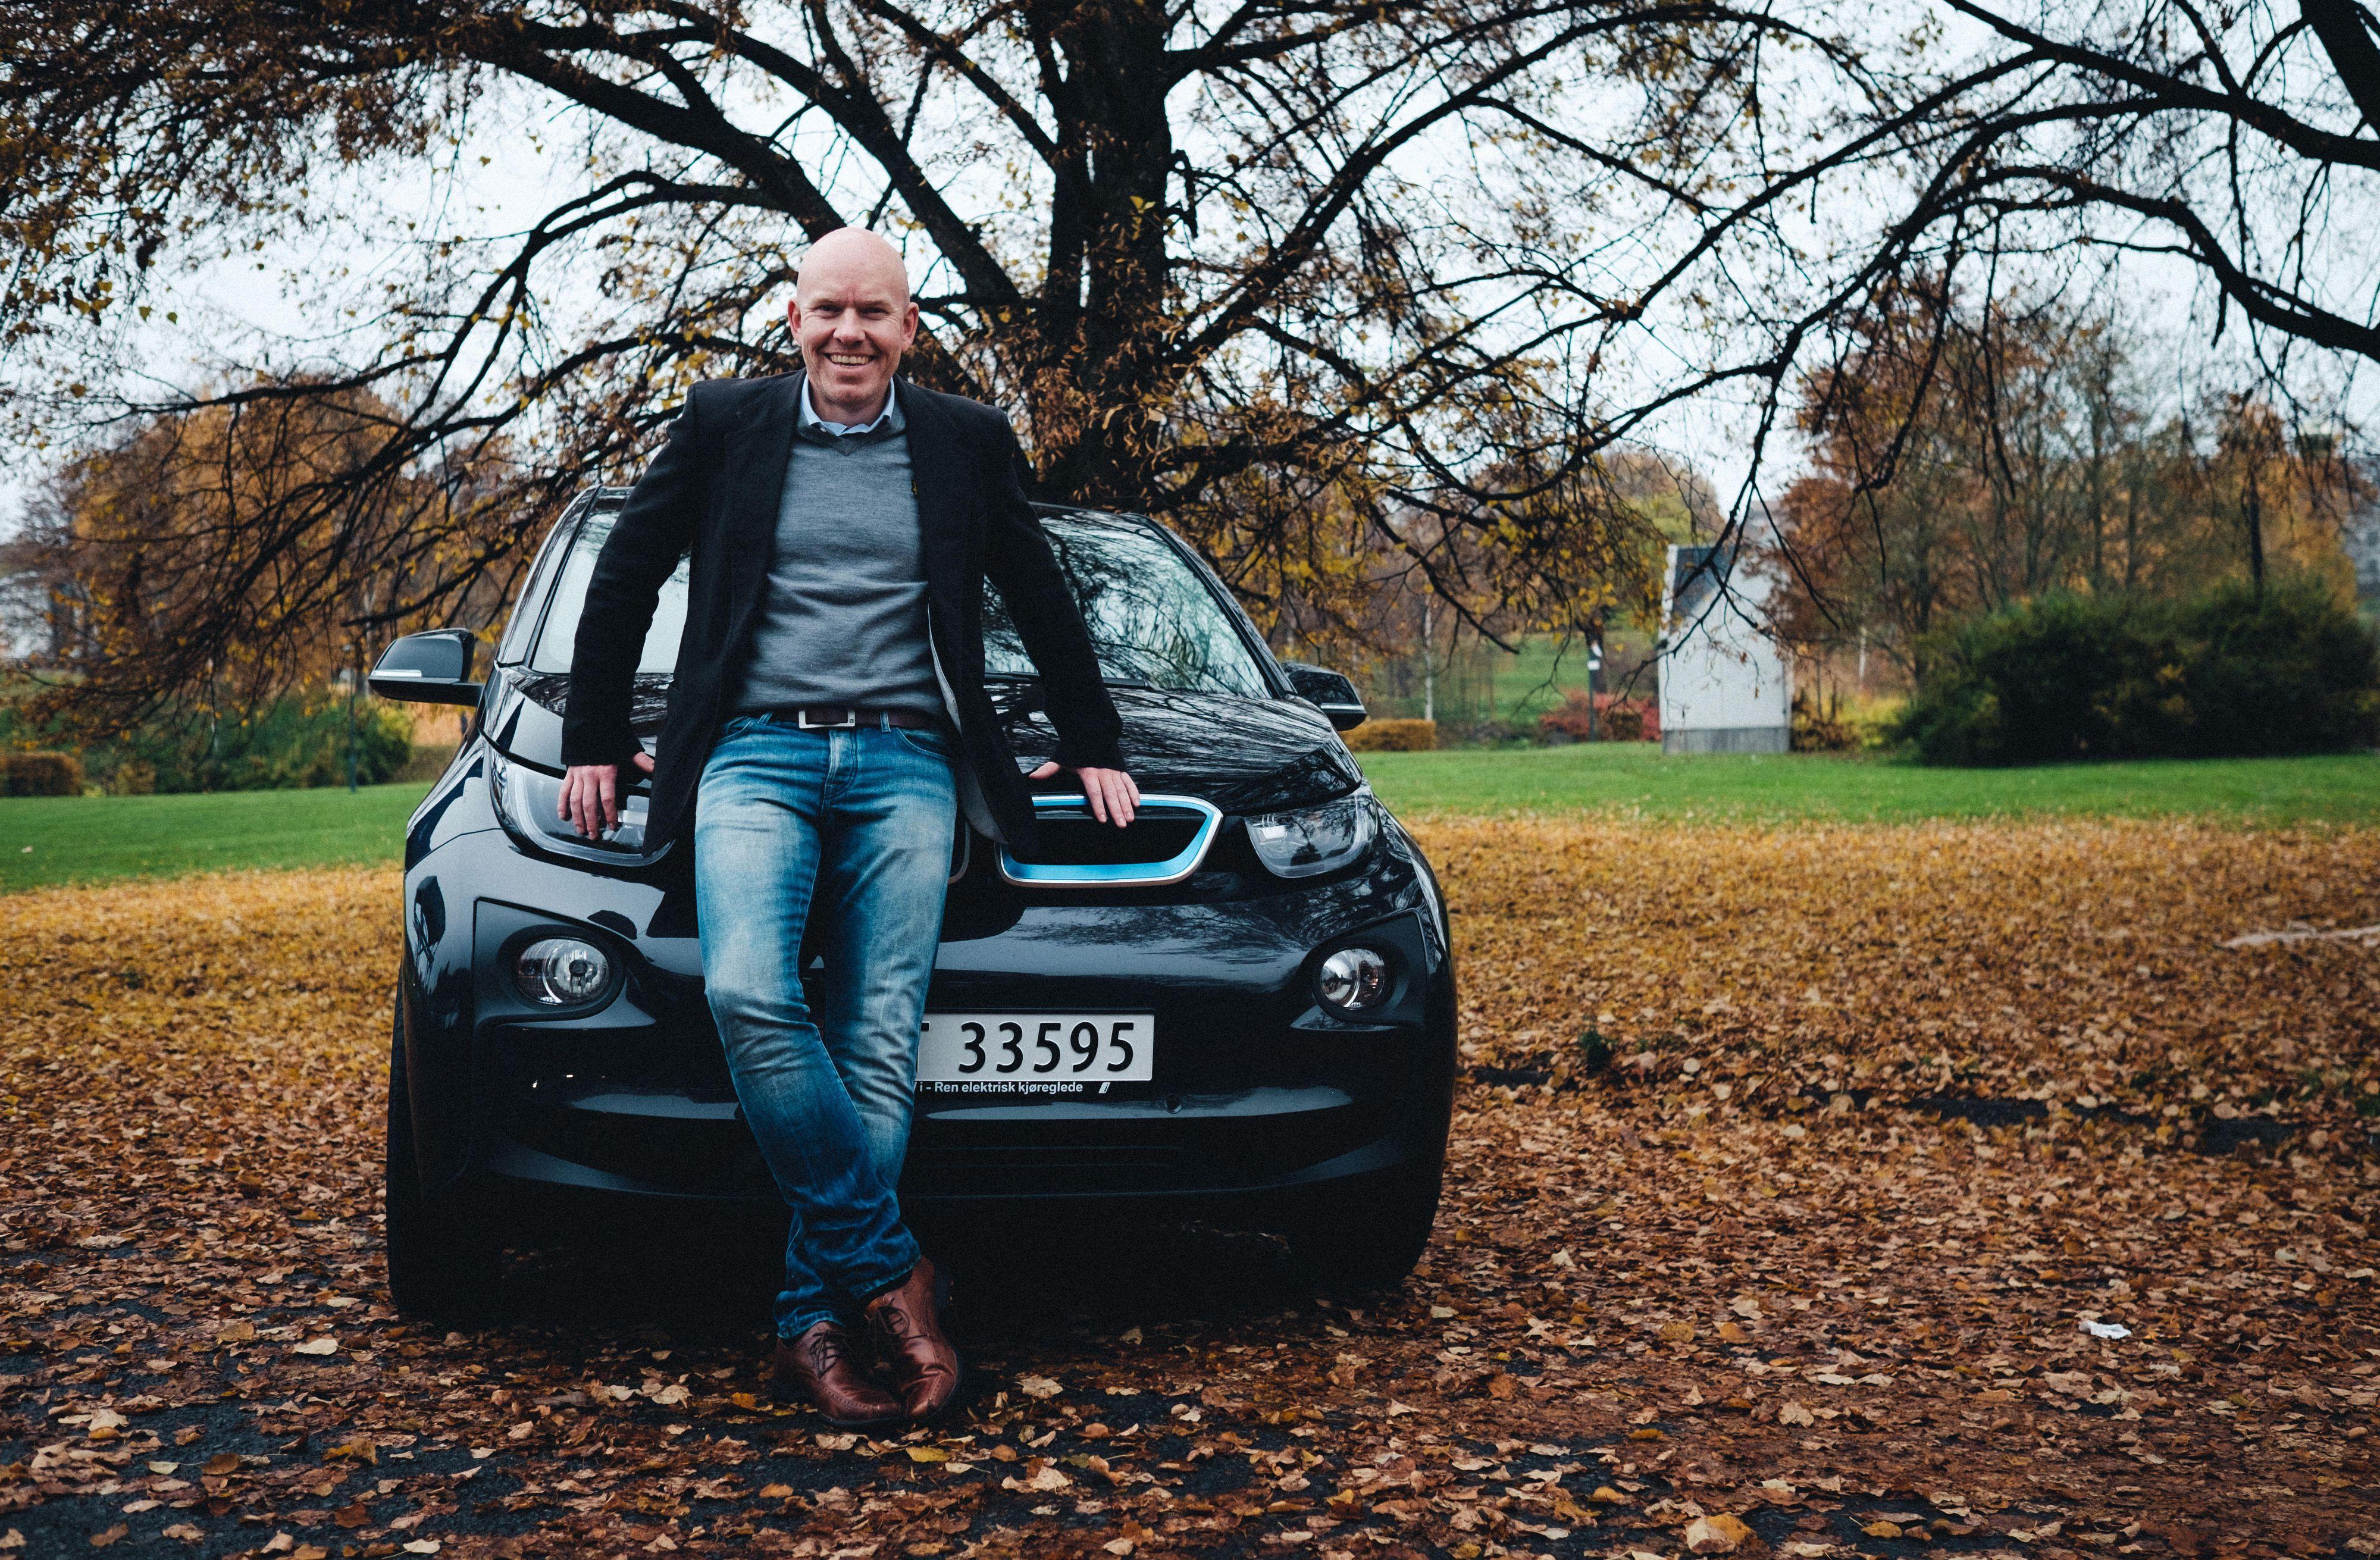 Ståle Frydenlund. kommunikasjonsrådgiver og biltester i Norsk elbilforening, sier den første versjonen av autopiloten fungerer godt så lenge du er på godt oppmerket vei.